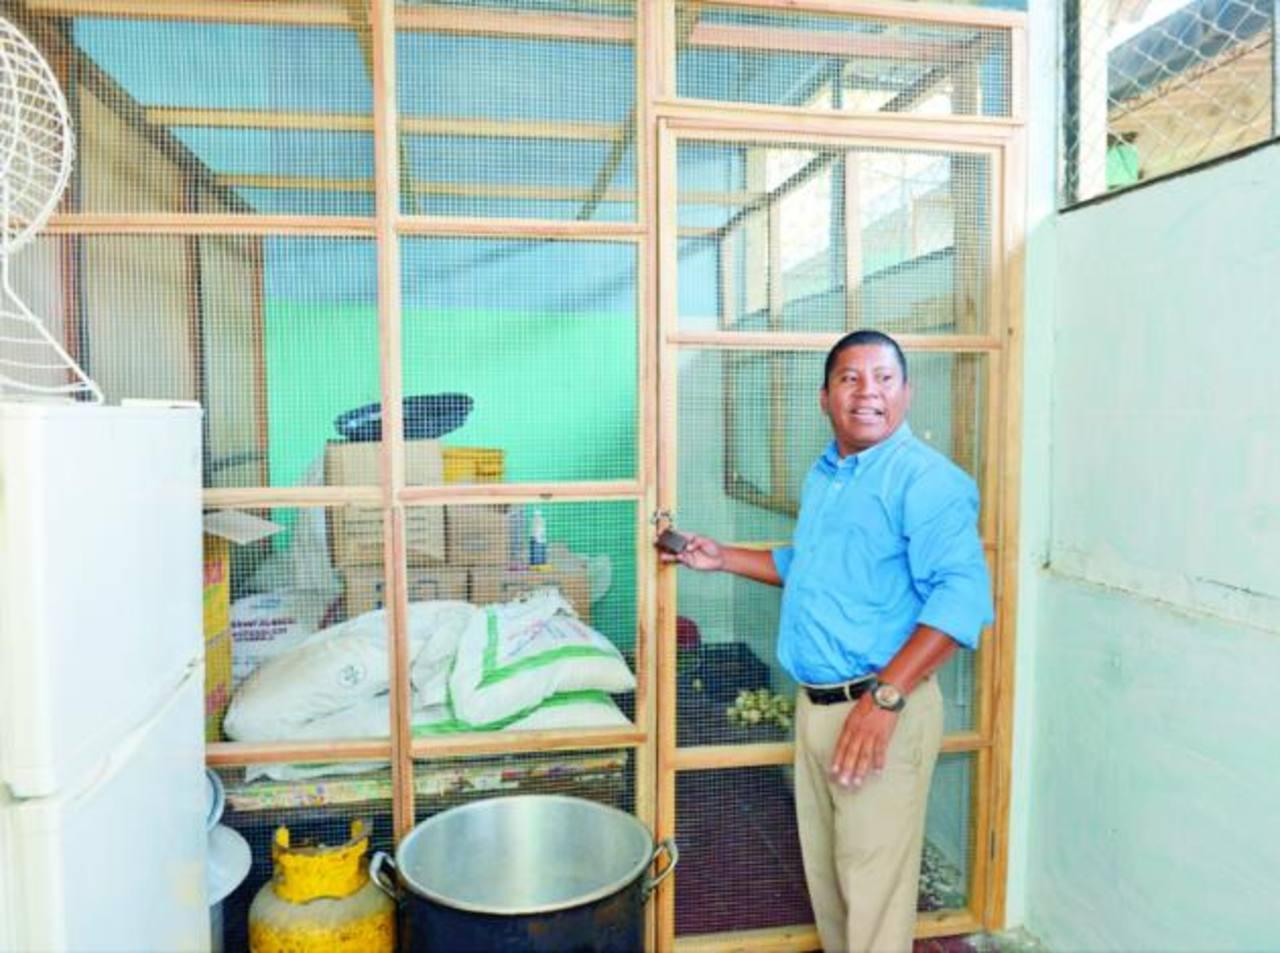 En el centro escolar Montecarmelo construyeron una bodega para evitar que las ratas dañen los alimentos.